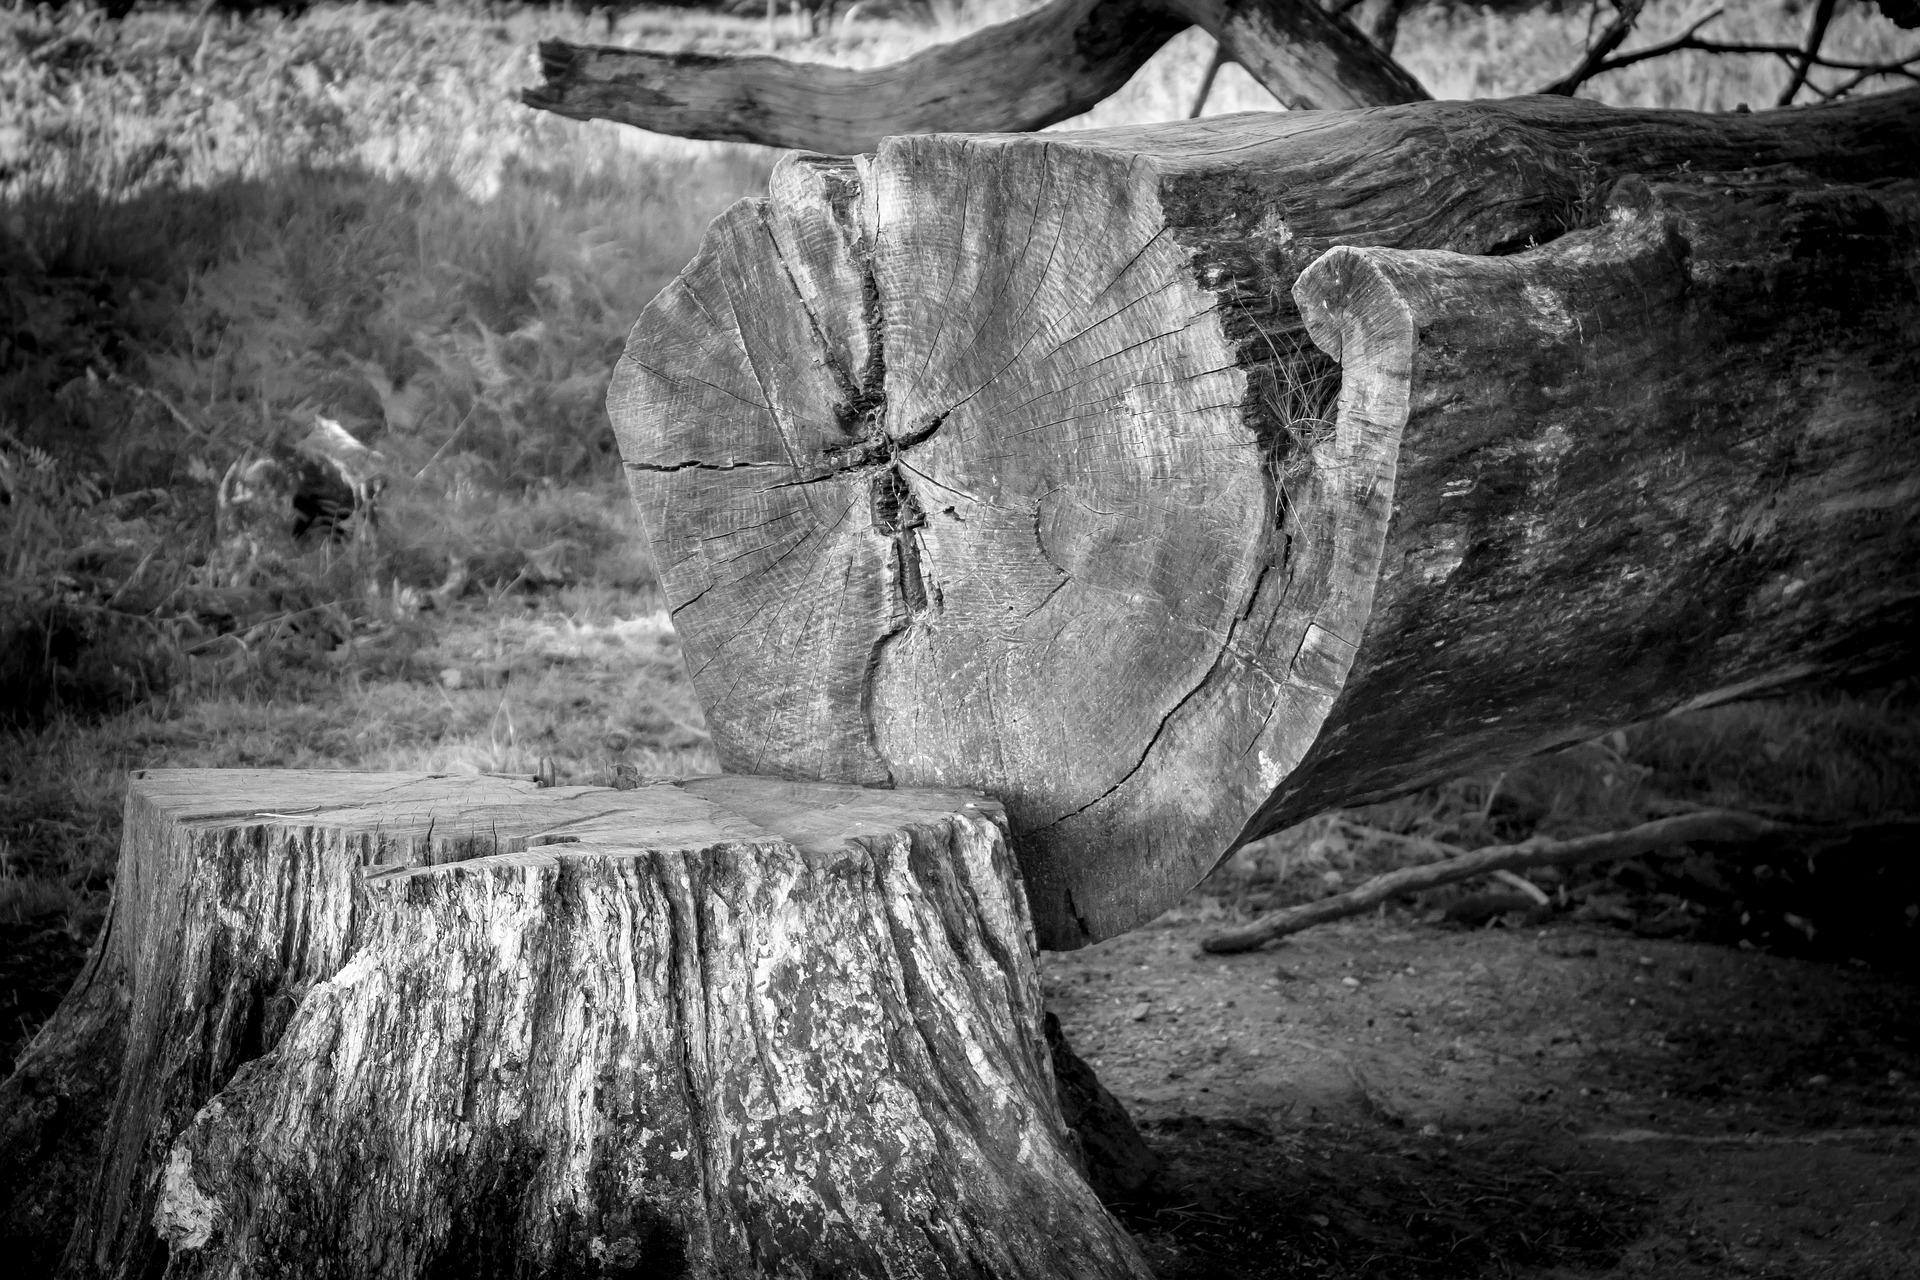 pixabay.com | Didgeman | Toter Baum: Dieser ist geeignet für Bio-Ölgewinnung